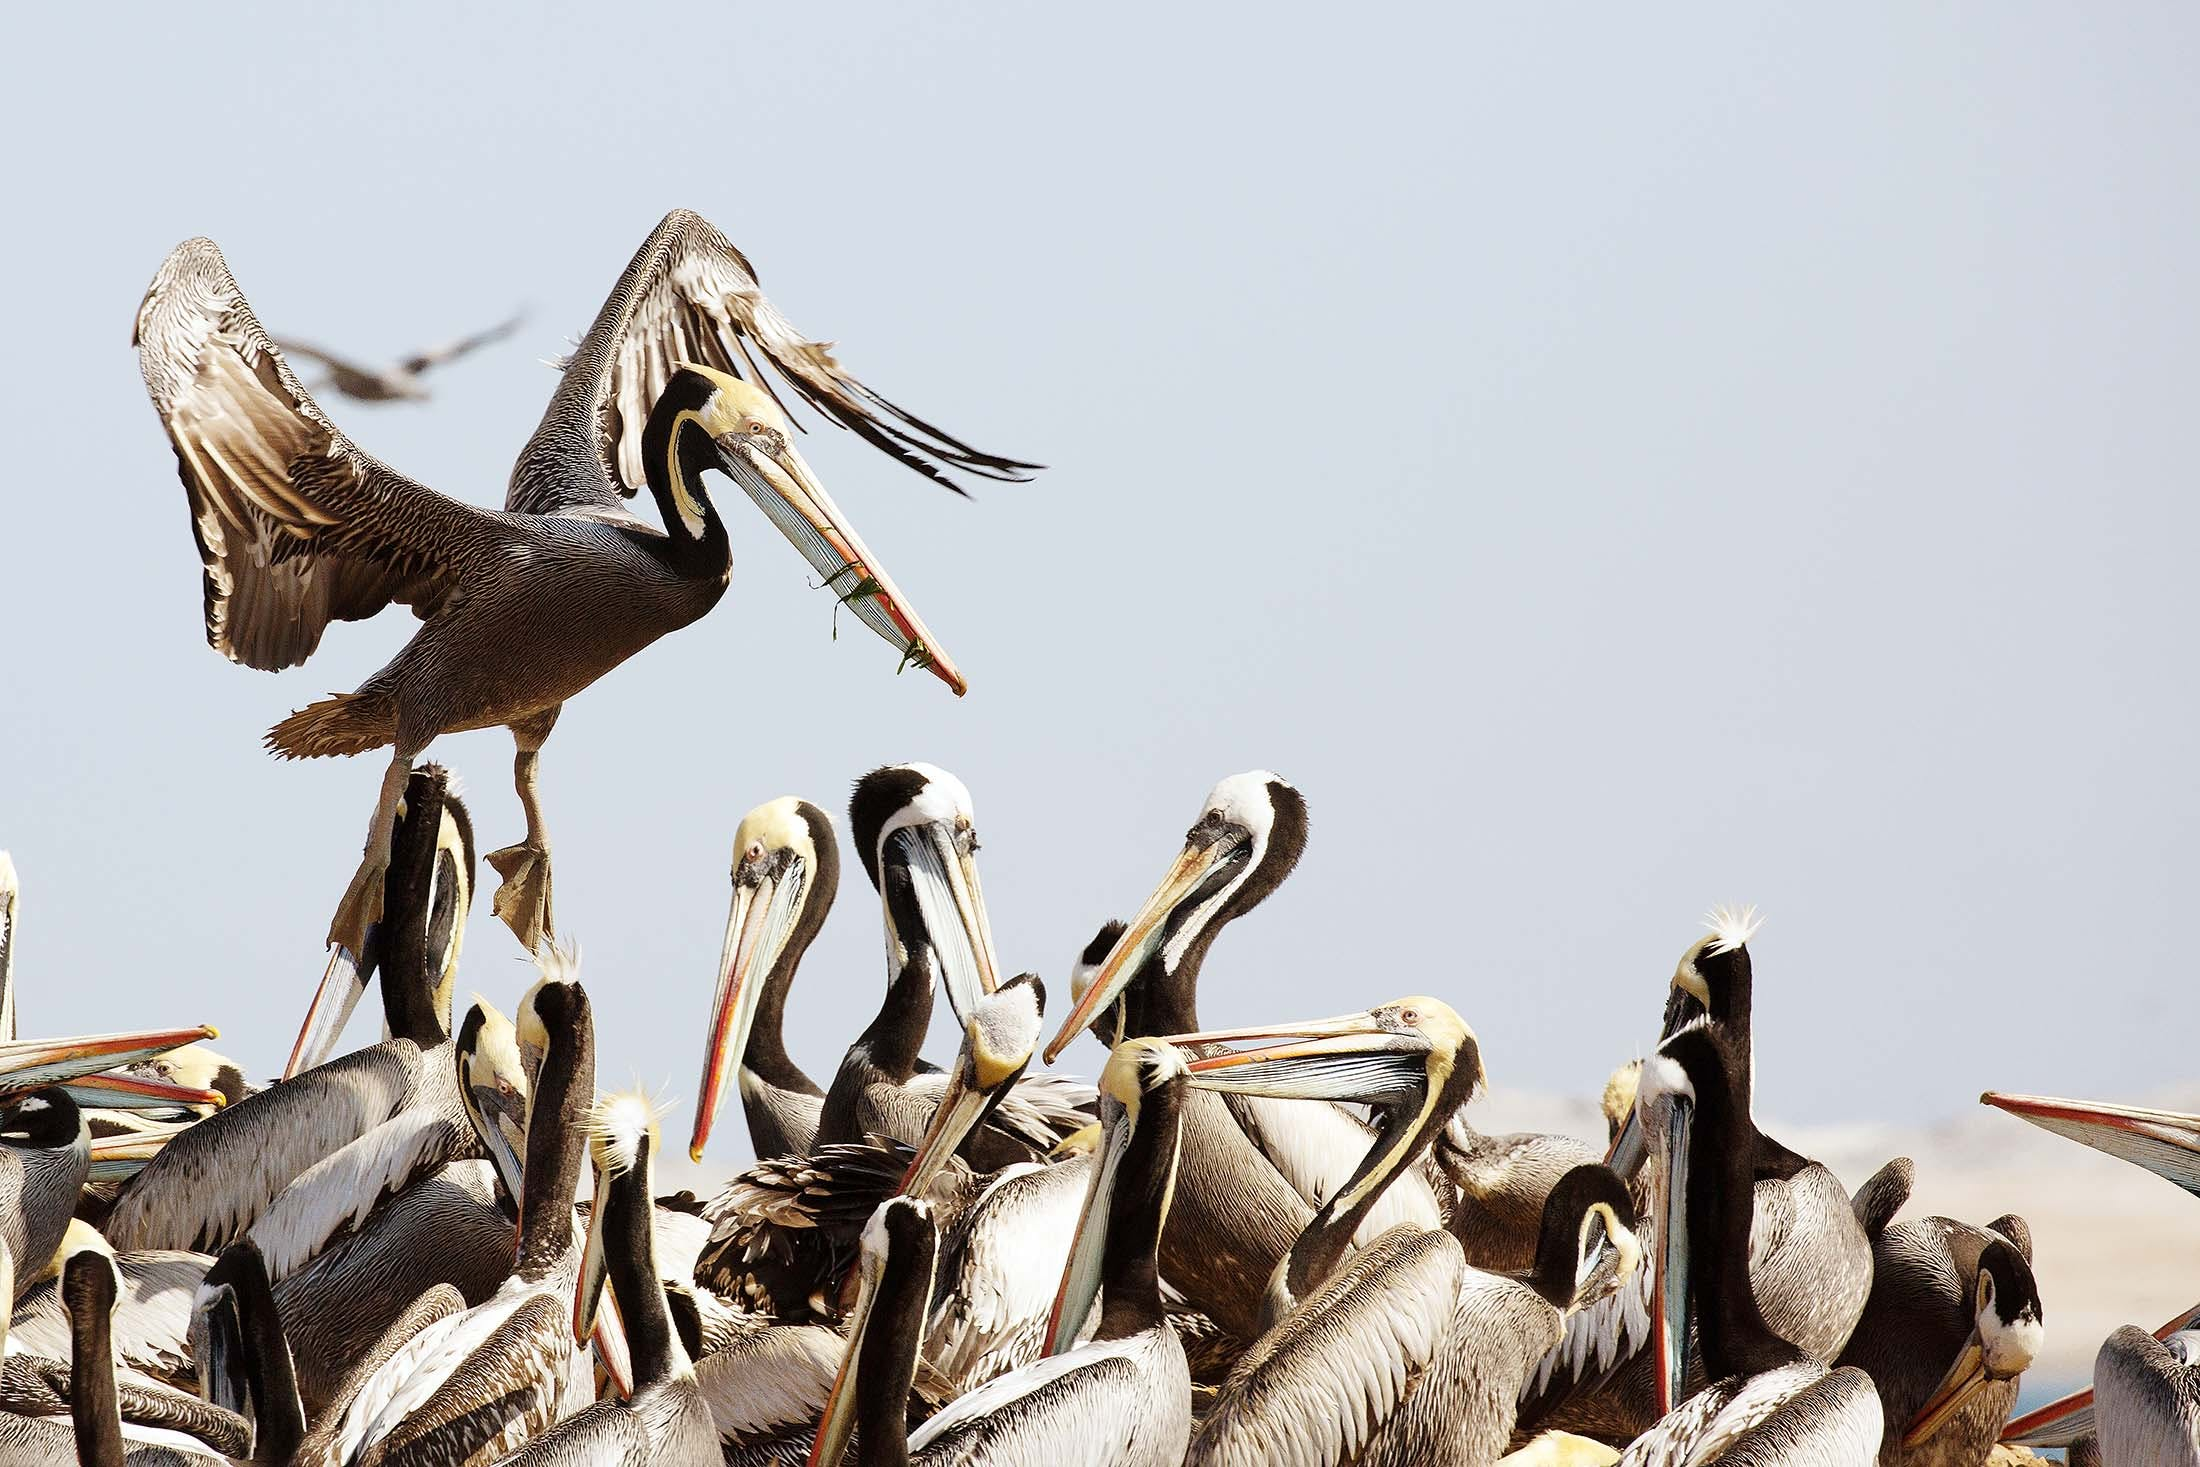 Peruvian pelicans in Peru